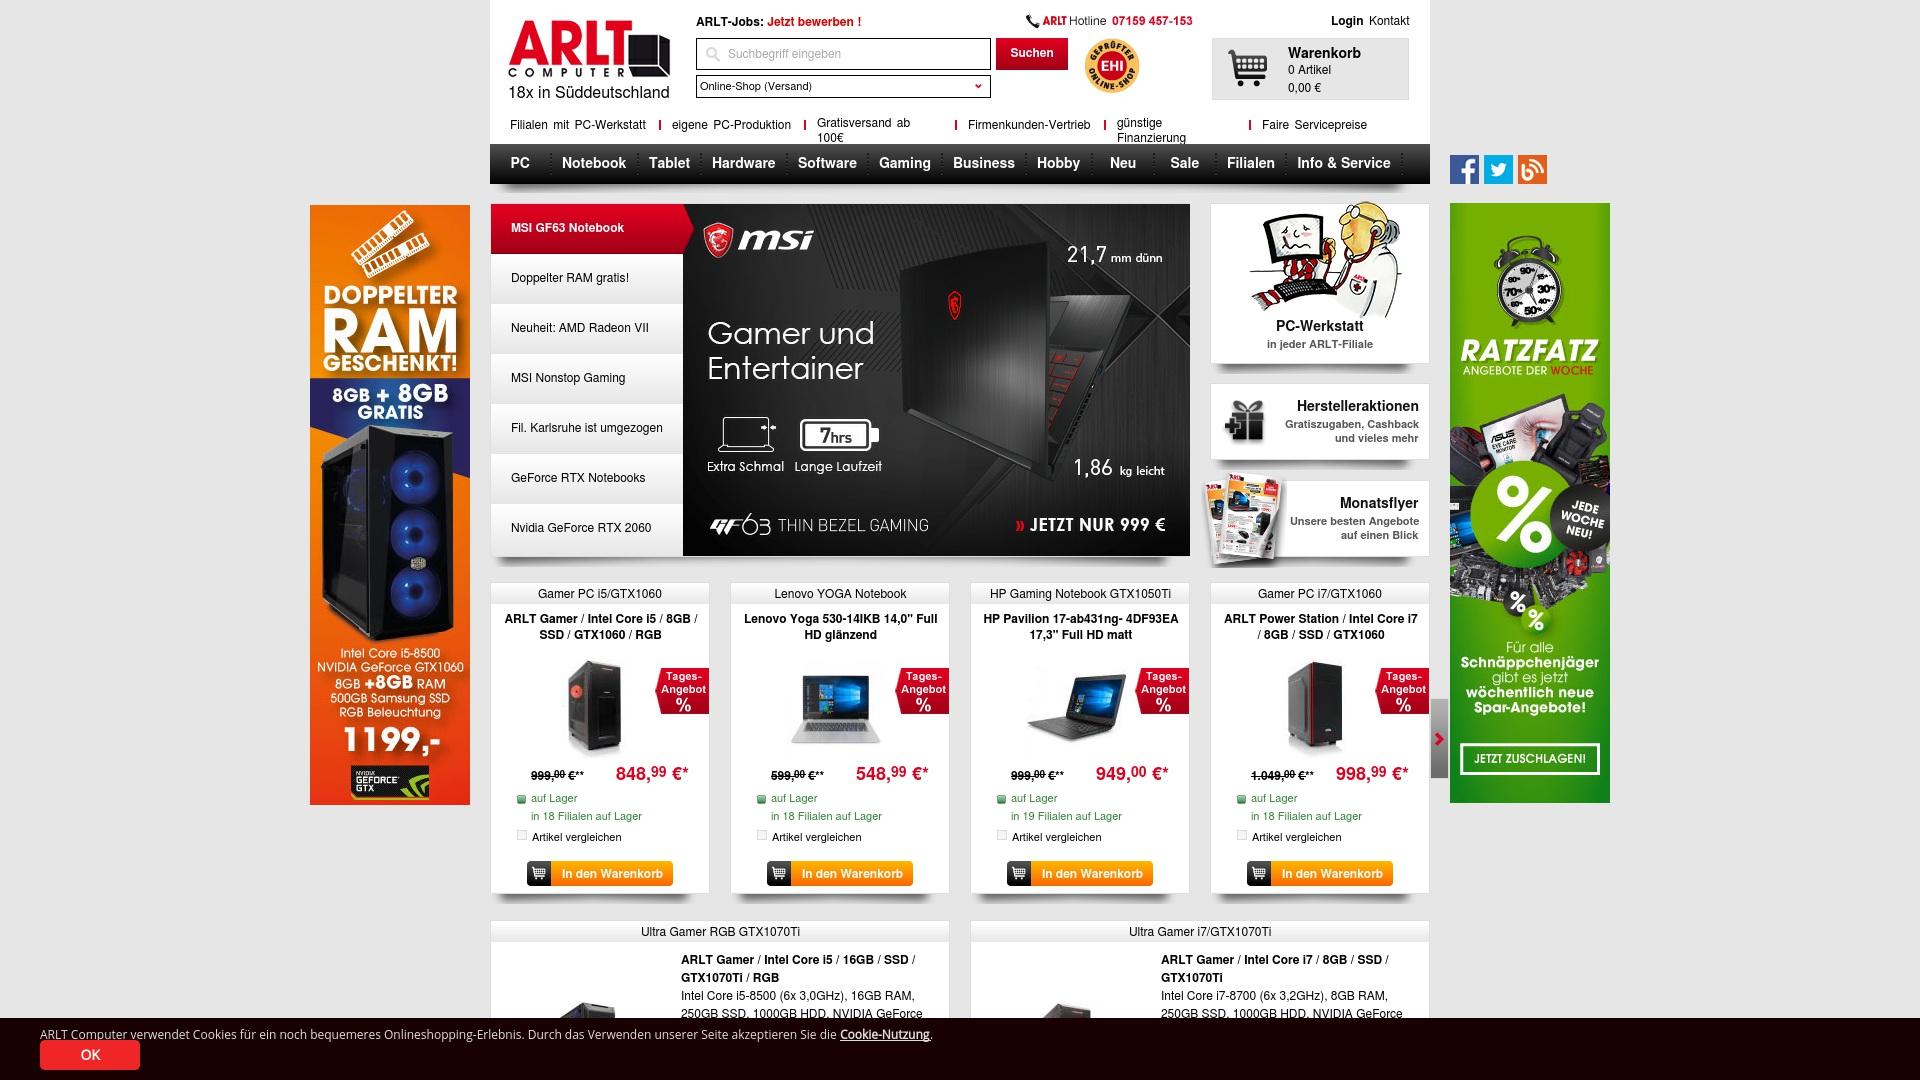 Geld zurück bei Arlt: Jetzt im Oktober 2021 Cashback für Arlt sichern